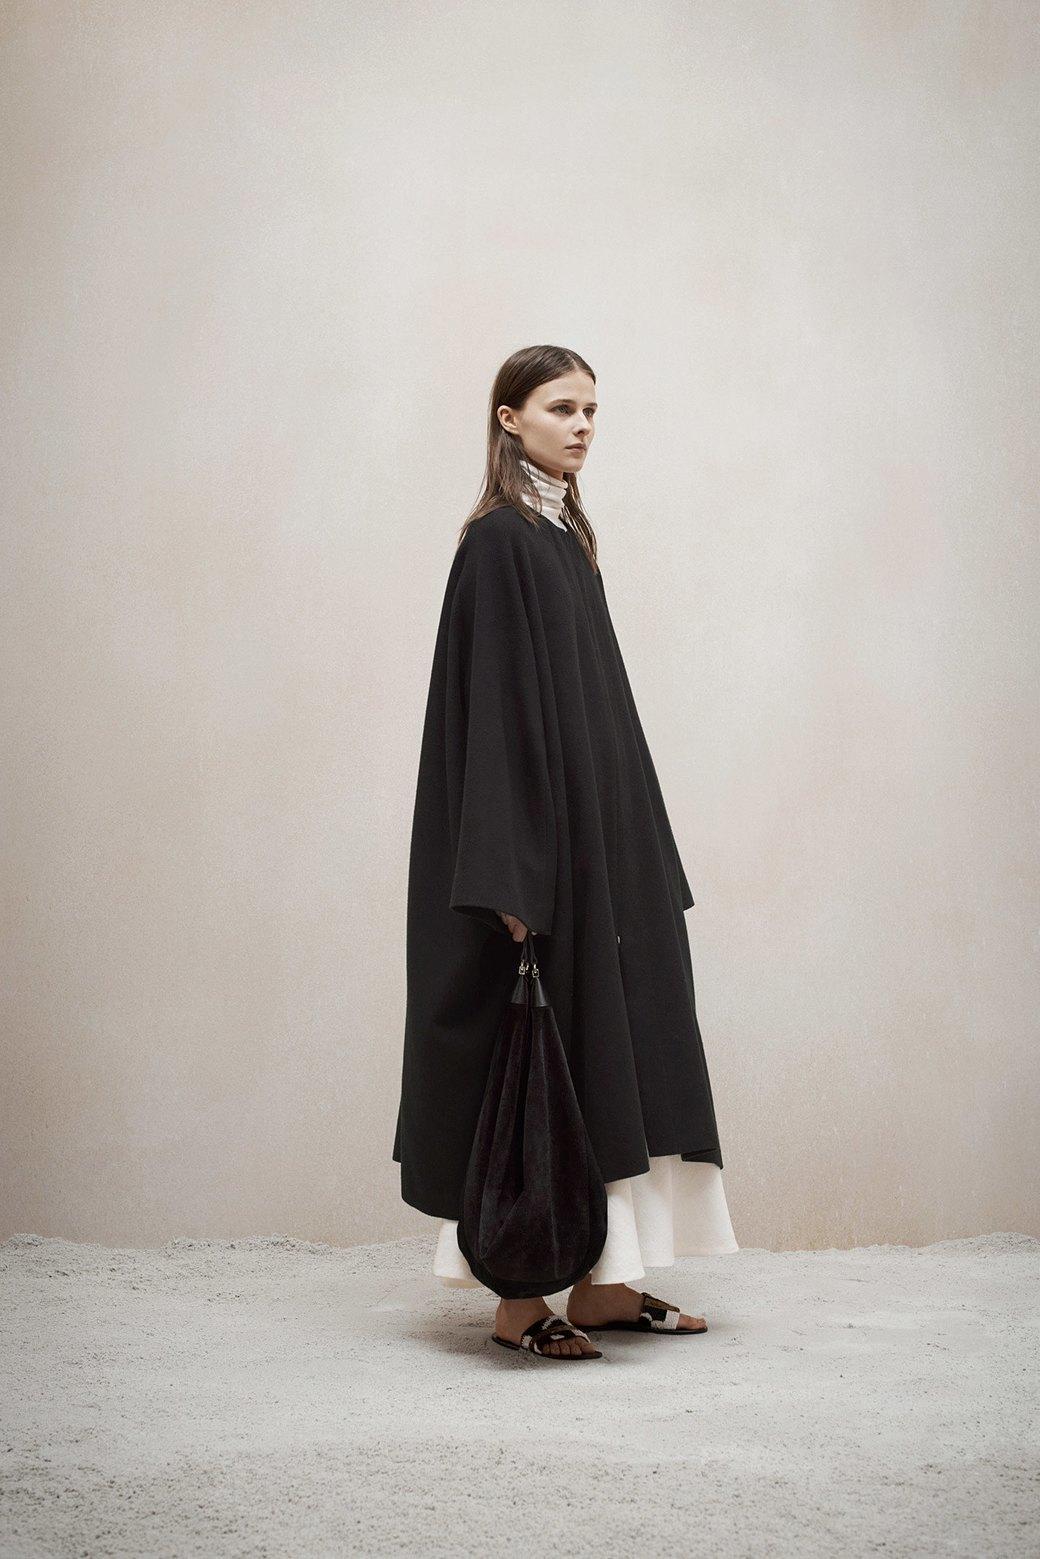 Что носить осенью: 10 модных образов. Изображение № 5.